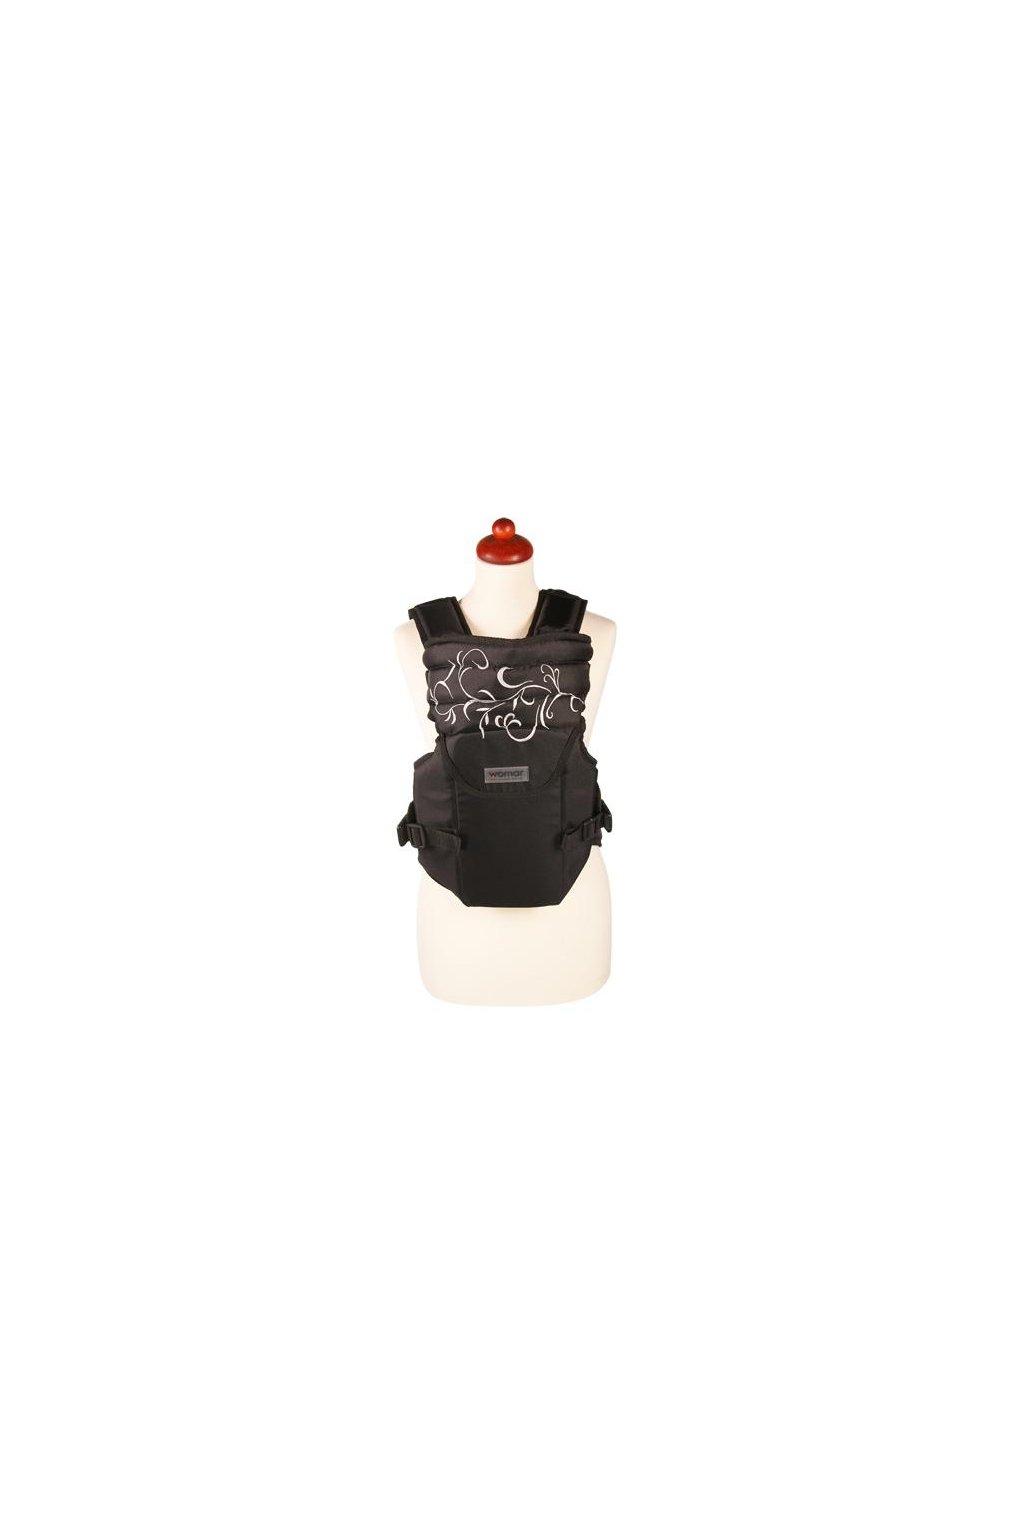 Nosítko Womar Zaffiro Sunny čierne so sivou výšivkou